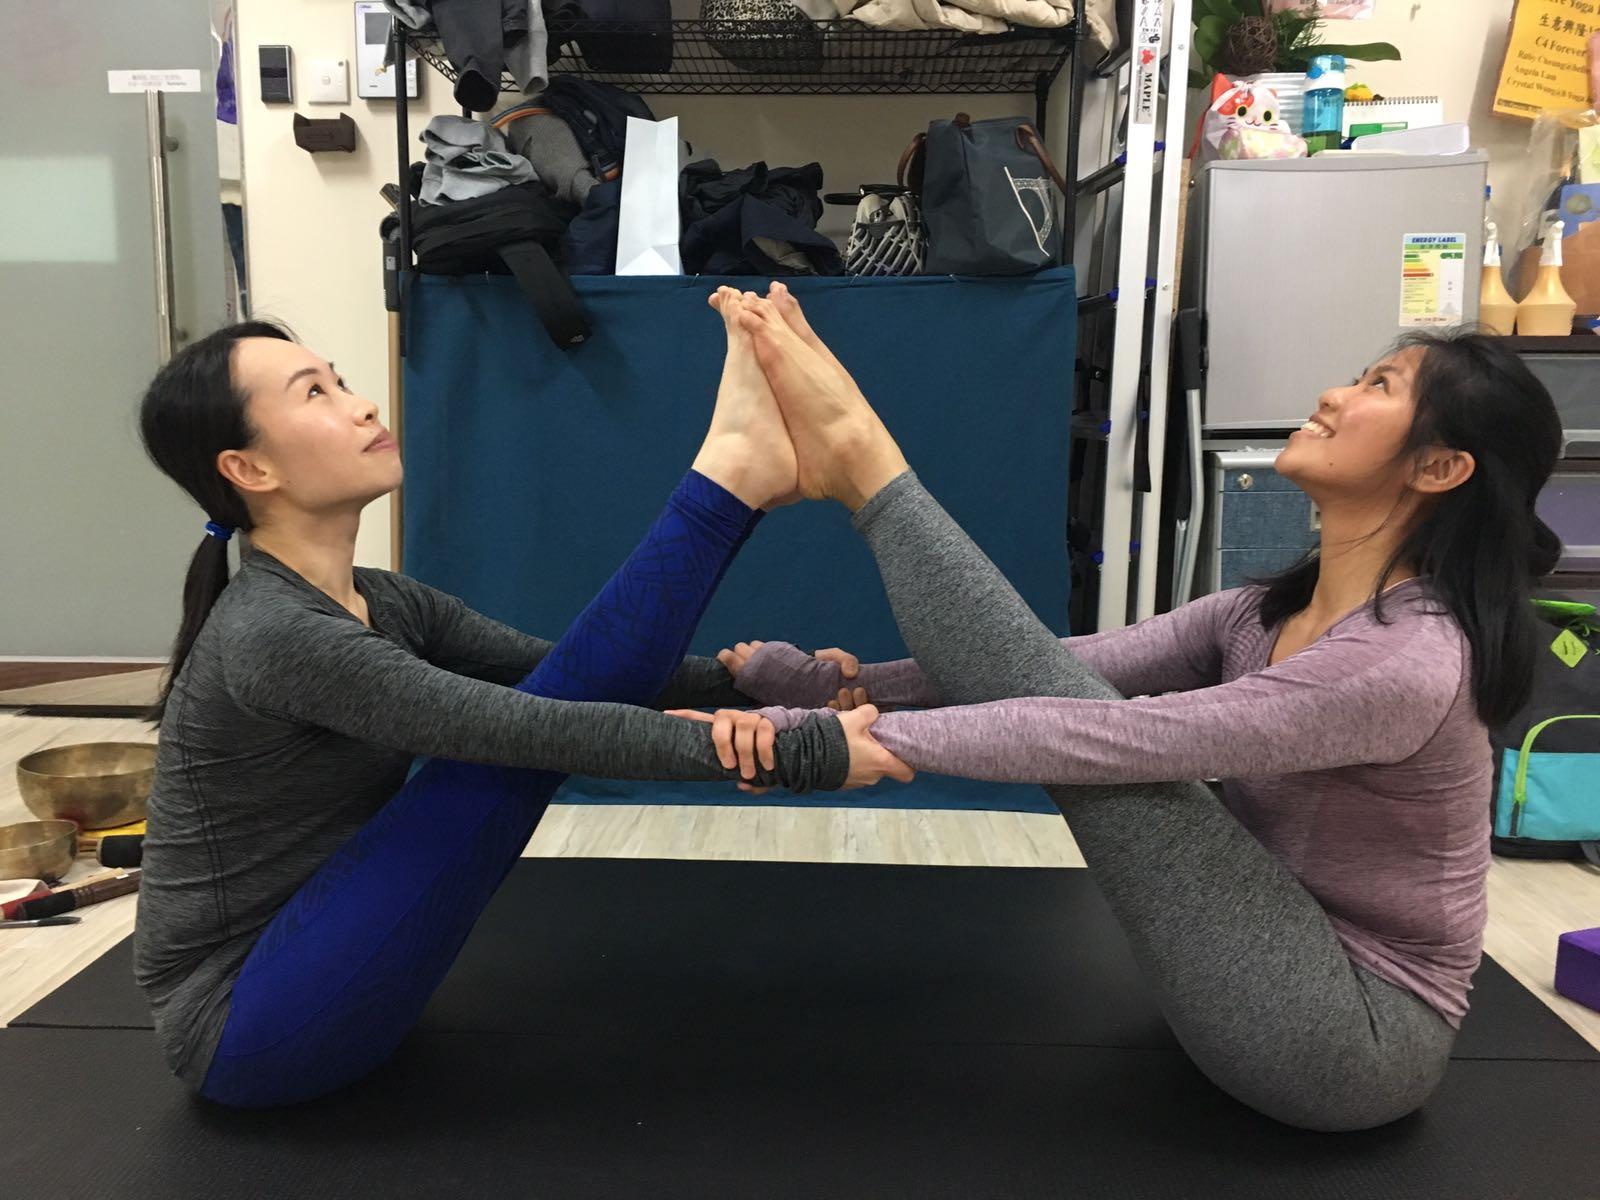 元宵節甜蜜雙人瑜伽工作坊